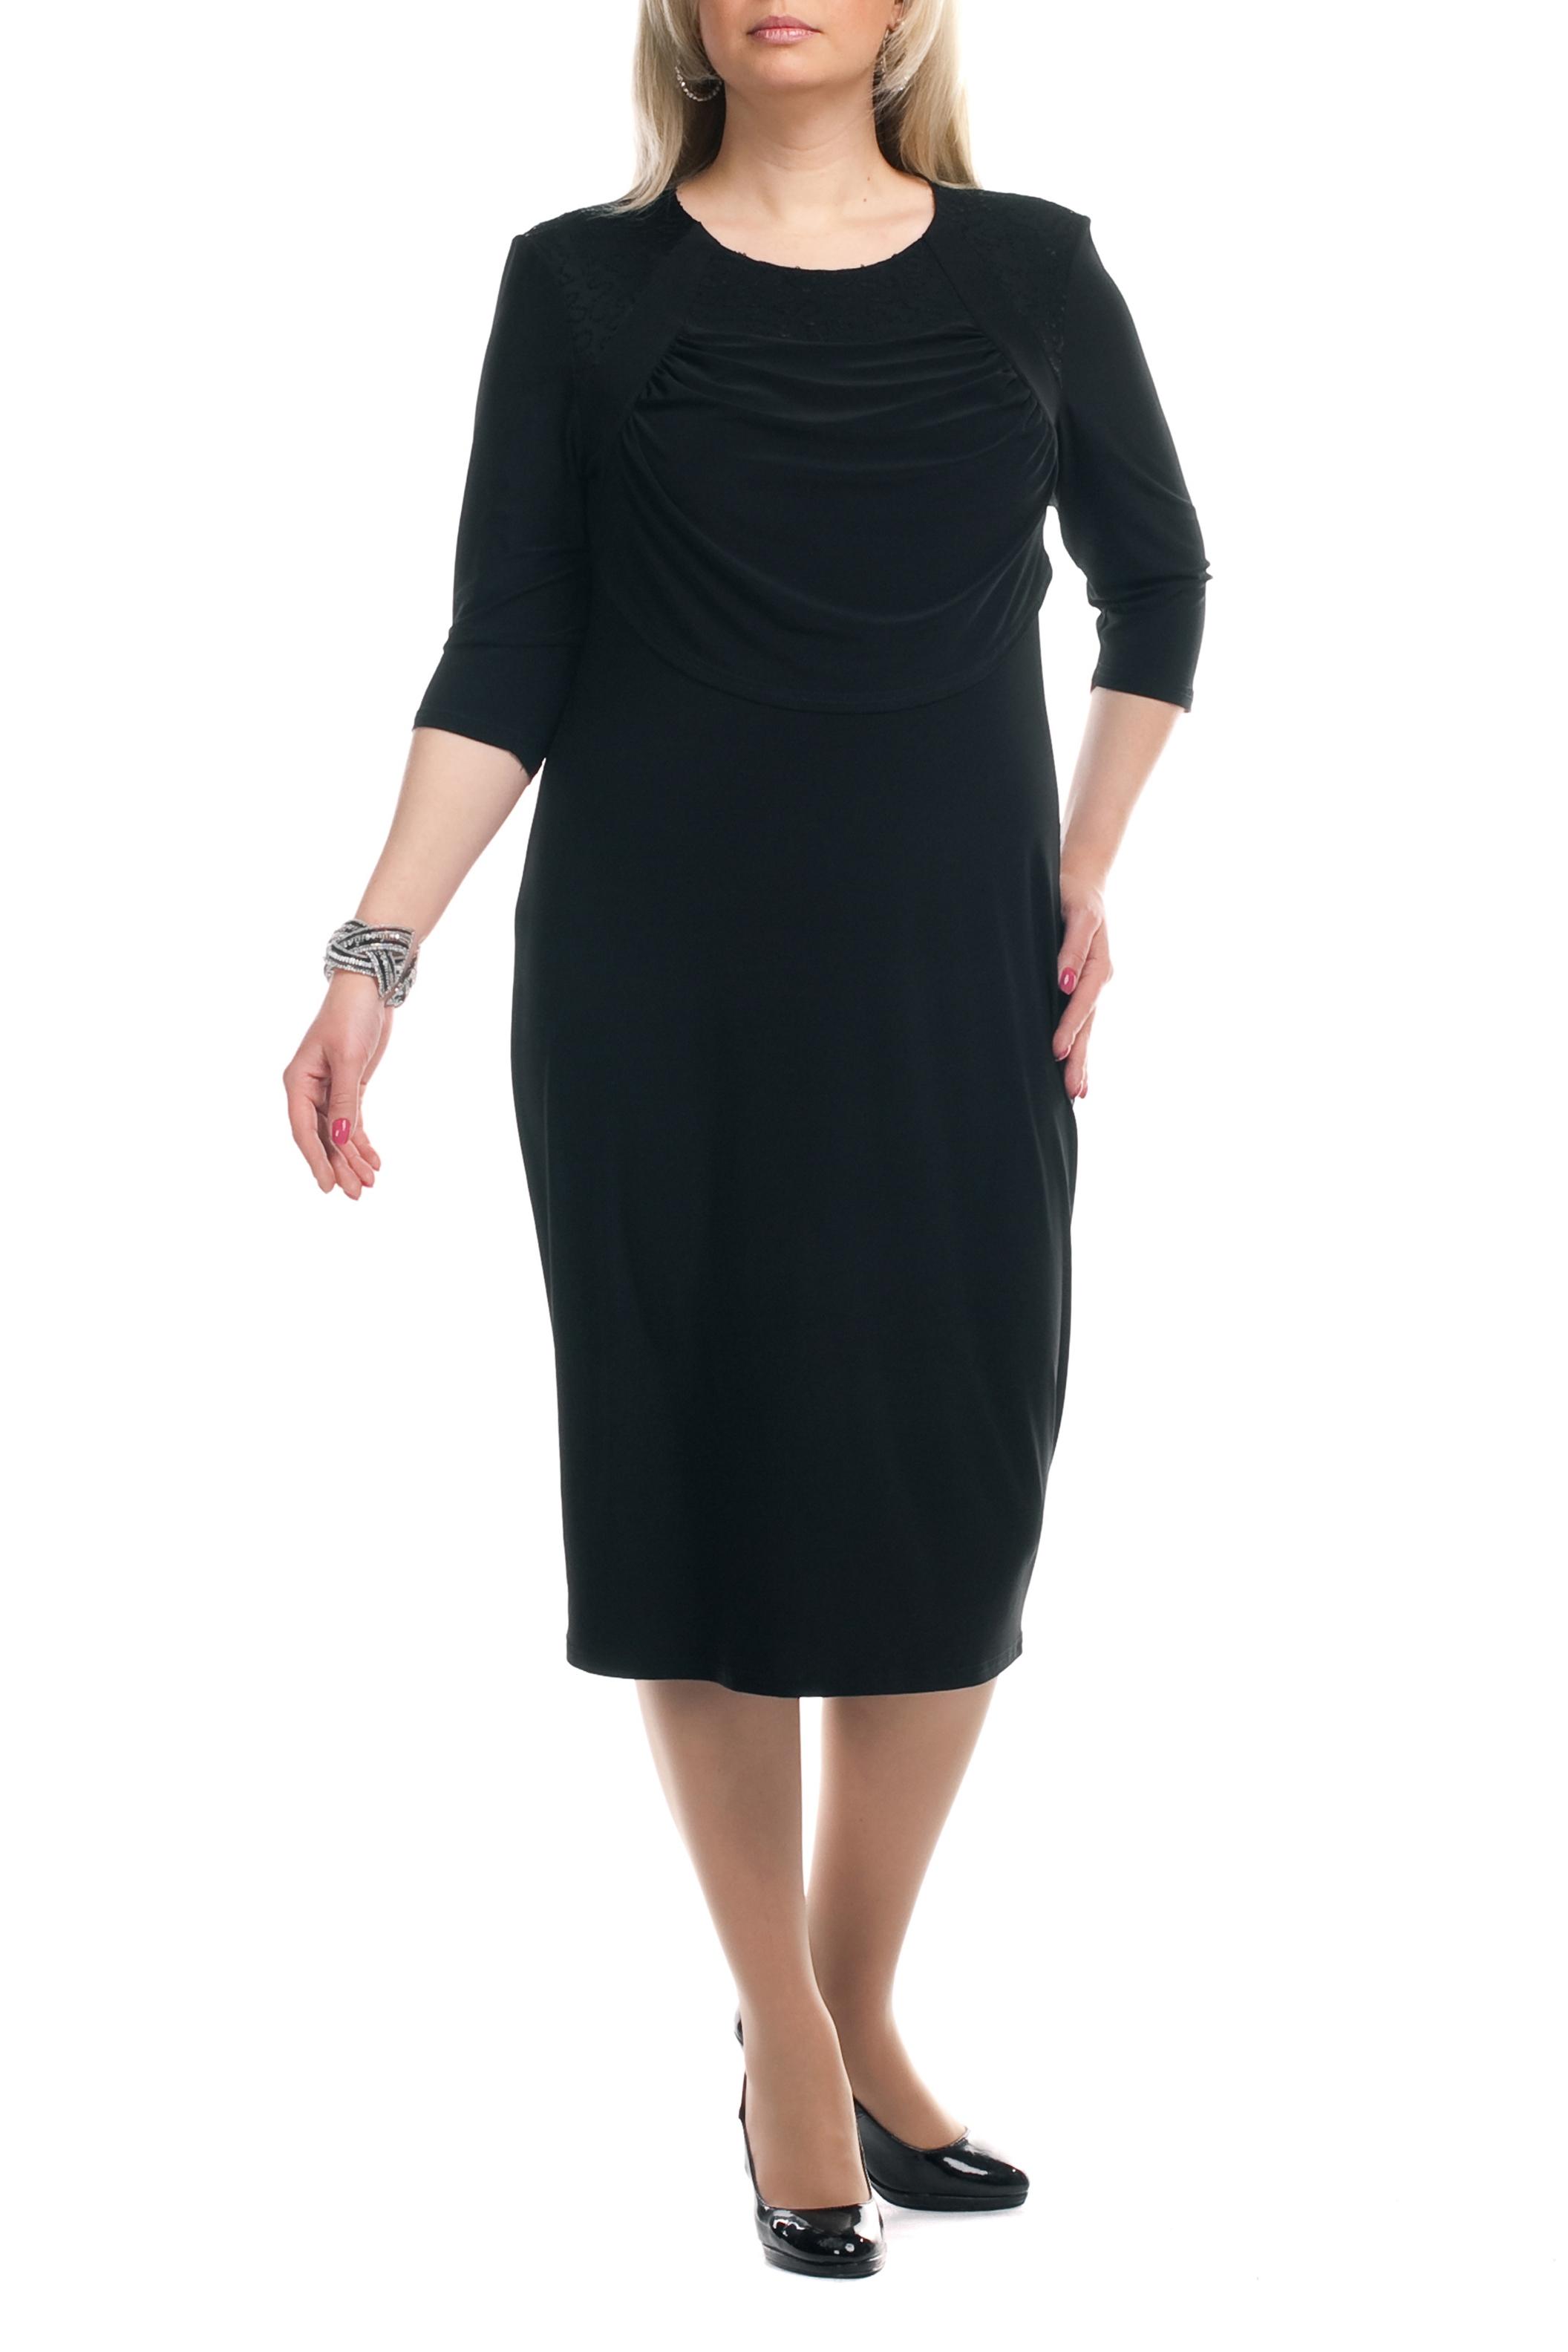 ПлатьеПлатья<br>Элегантное нарядное платье. Модель выполнена из приятного трикотажа. Отличный выбор для любого торжества.  Цвет: черный  Рост девушки-фотомодели 173 см.<br><br>Горловина: С- горловина<br>По длине: Ниже колена<br>По материалу: Трикотаж<br>По рисунку: Однотонные<br>По сезону: Весна,Всесезон,Зима,Лето,Осень<br>По силуэту: Полуприталенные<br>По стилю: Нарядный стиль<br>По элементам: С декором,С отделочной фурнитурой,Со складками<br>Рукав: Рукав три четверти<br>Размер : 52,54,58,60,62,64,66,68,70<br>Материал: Холодное масло + Гипюровая сетка<br>Количество в наличии: 12